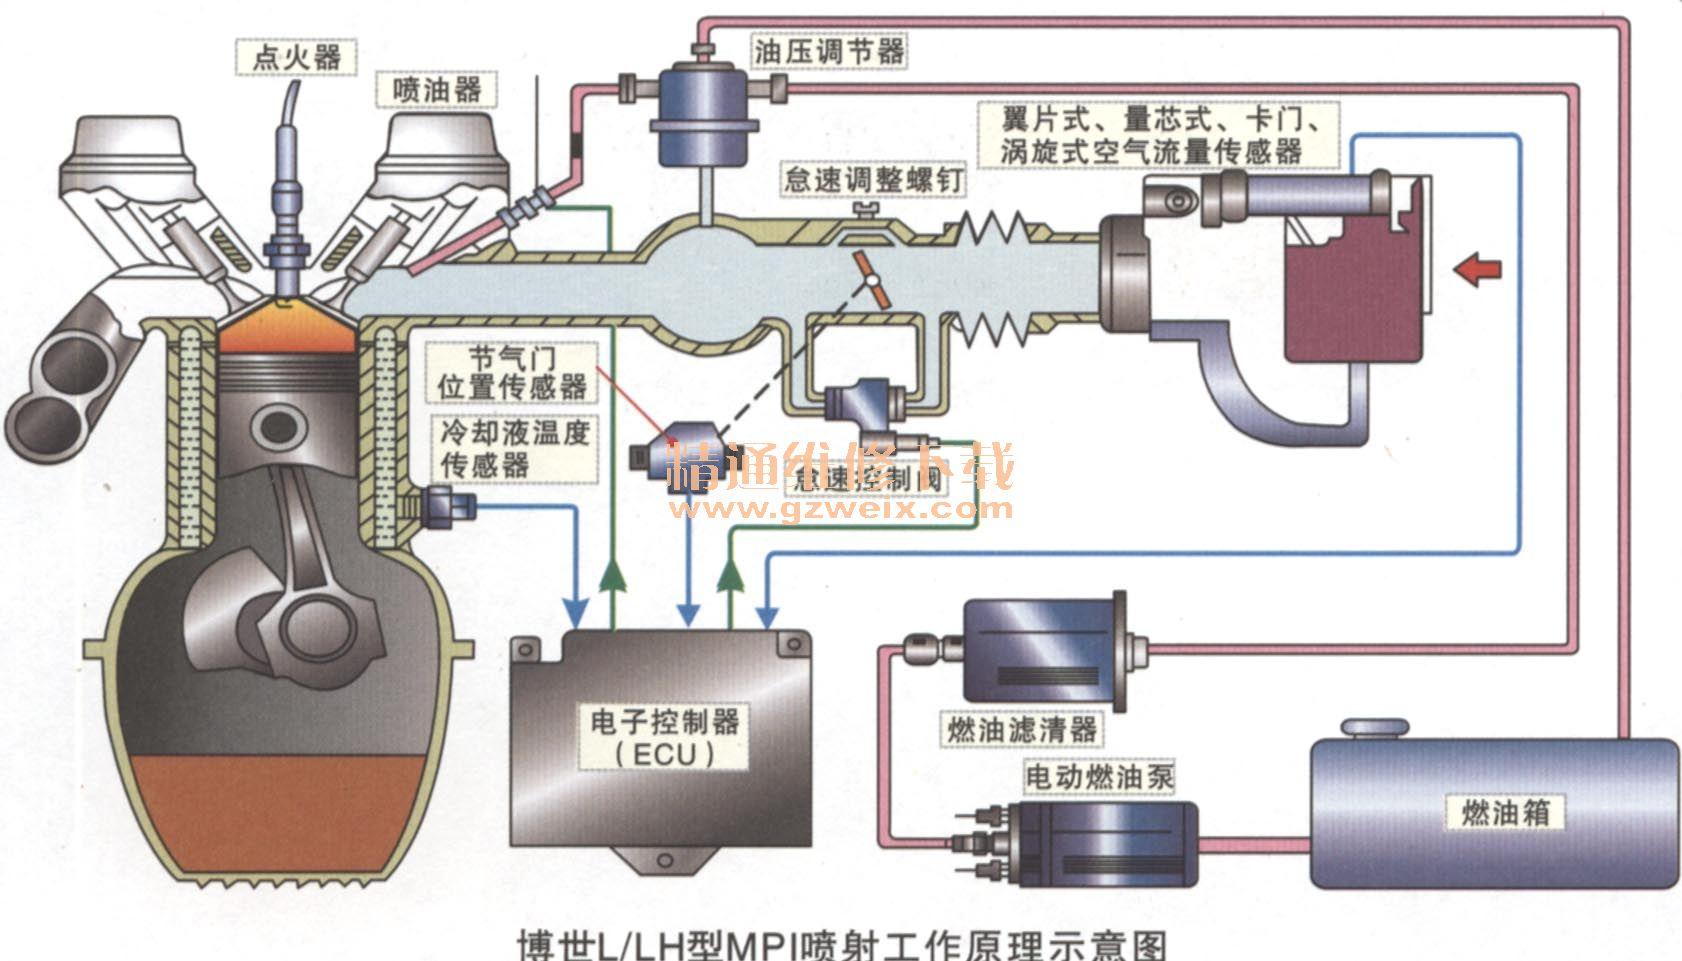 汽车发动机电控技术原理与维修试卷b